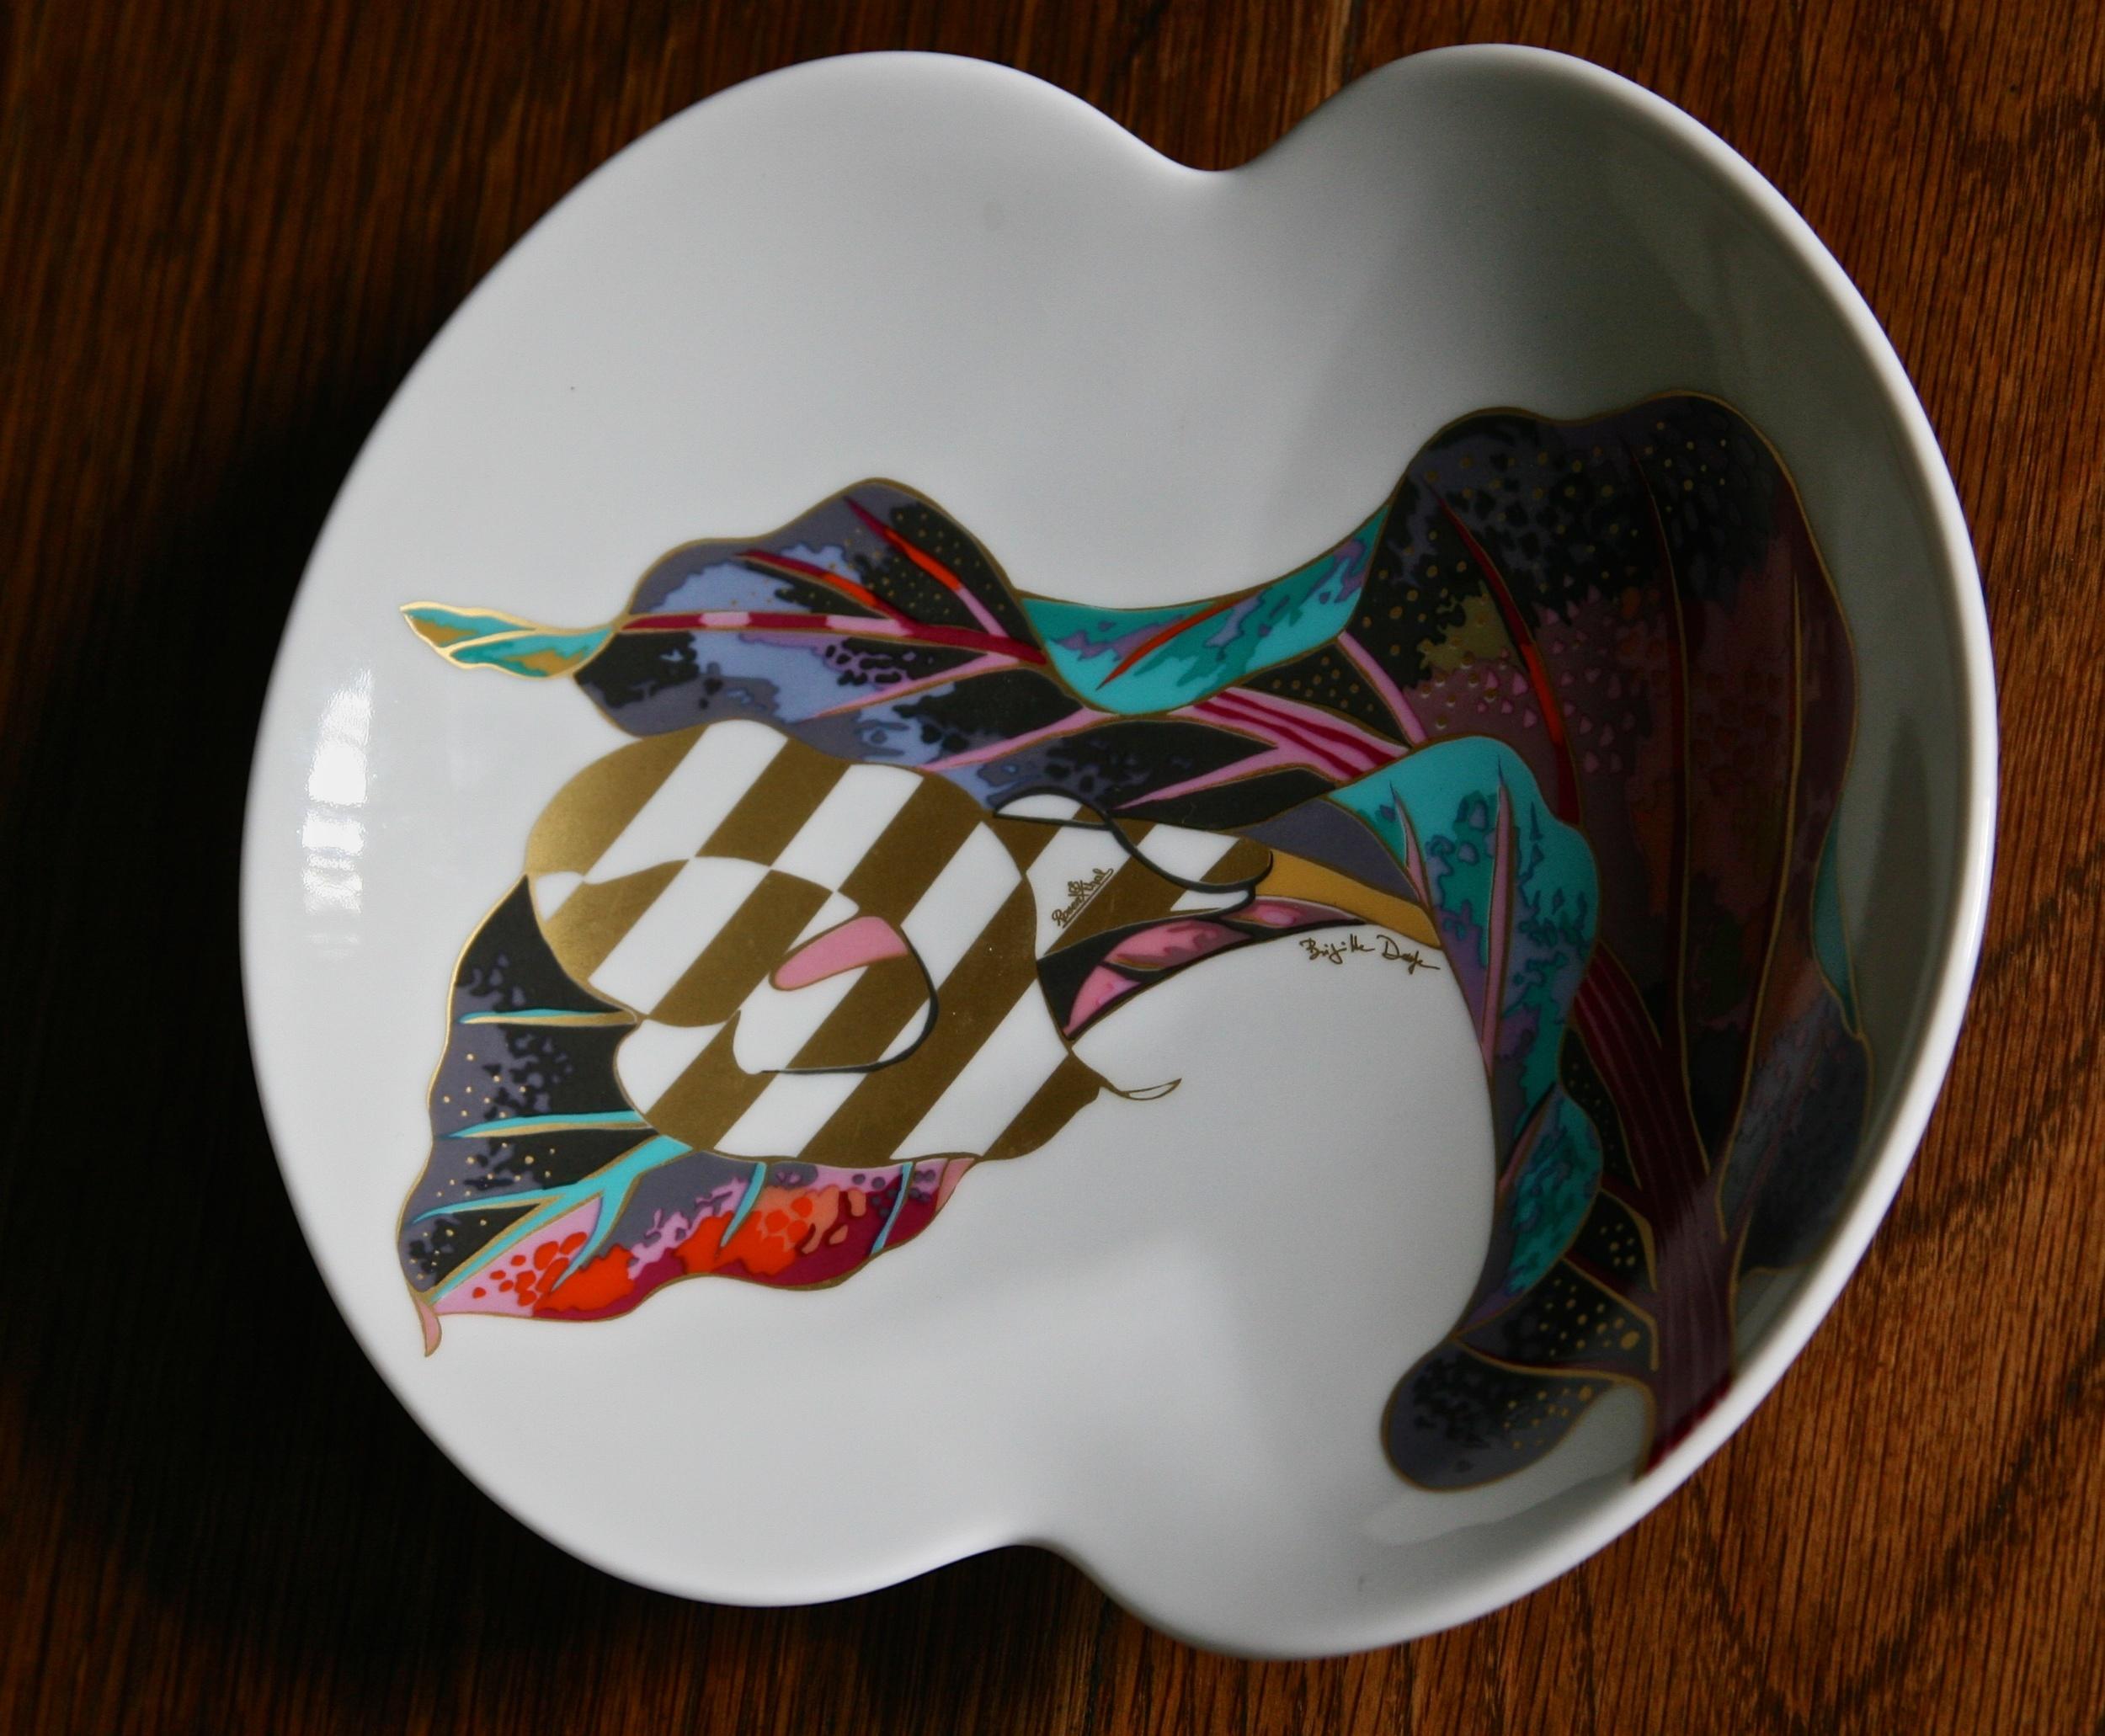 rosenthal JVD Vaart plate $100 3.jpg